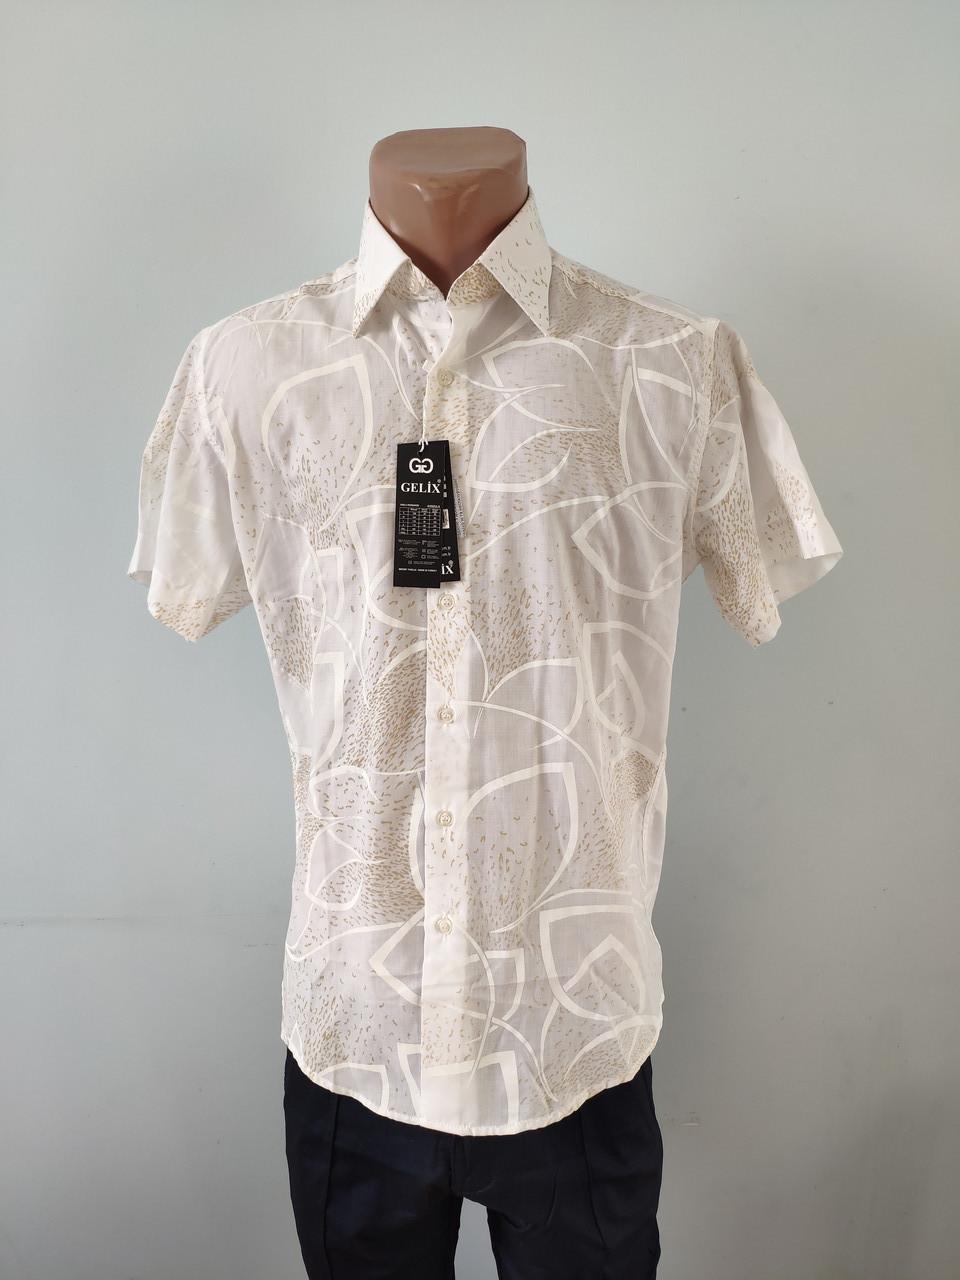 Рубашка мужская летняя коттоновая  высокого качества GELIX, Турция